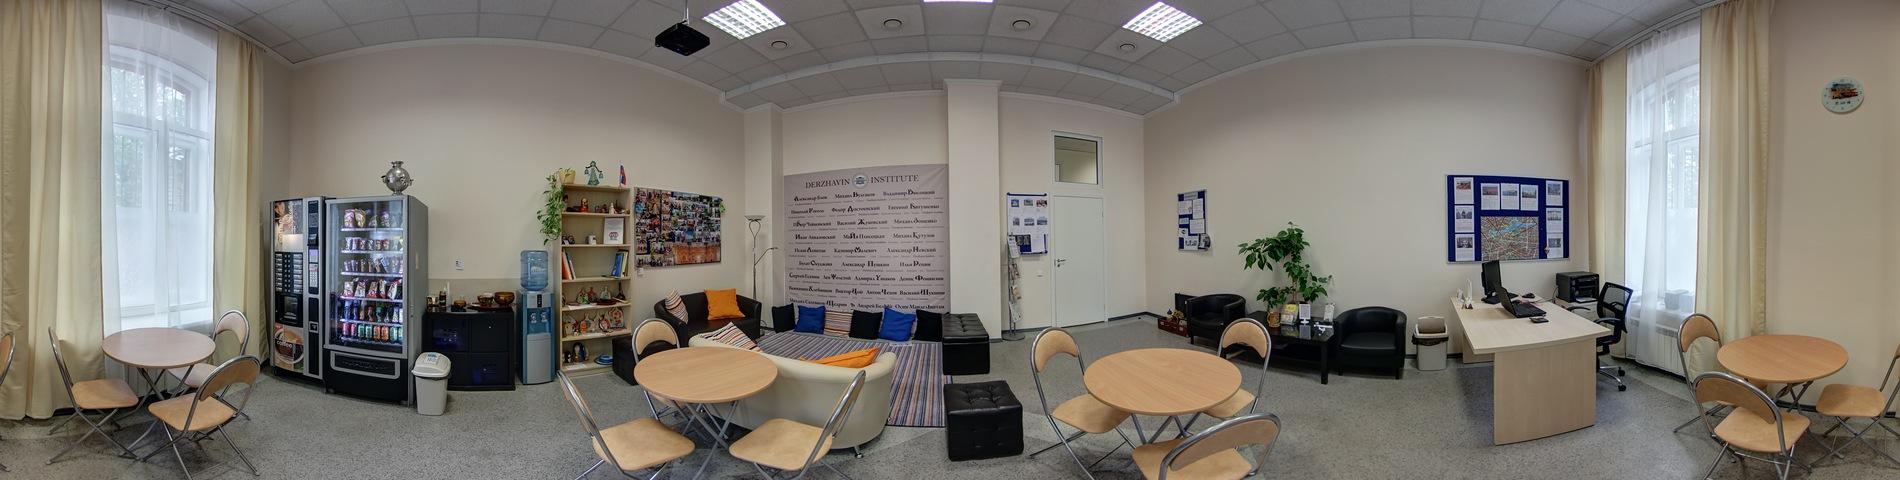 Derzhavin Institute billede 1